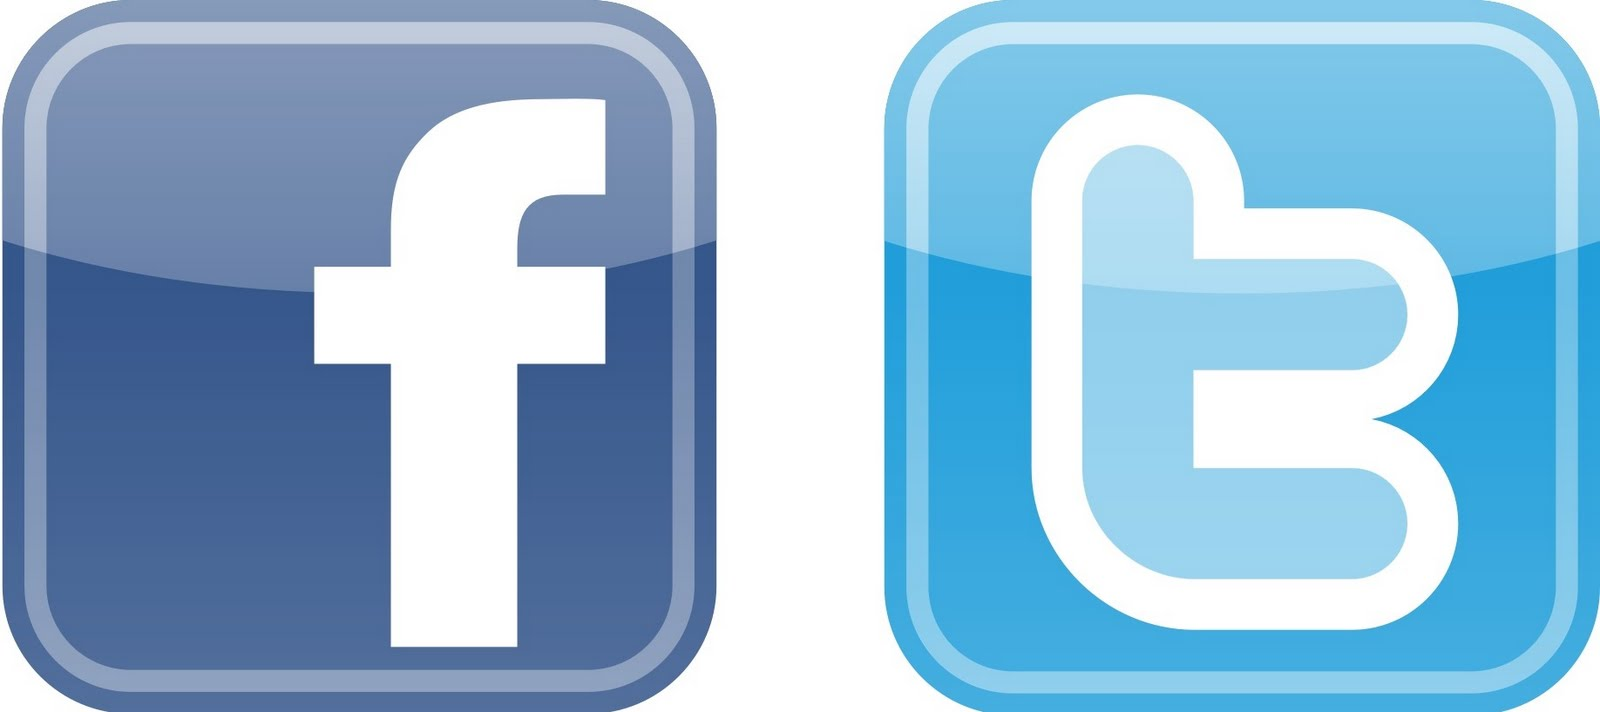 Twitter Retweet Icon